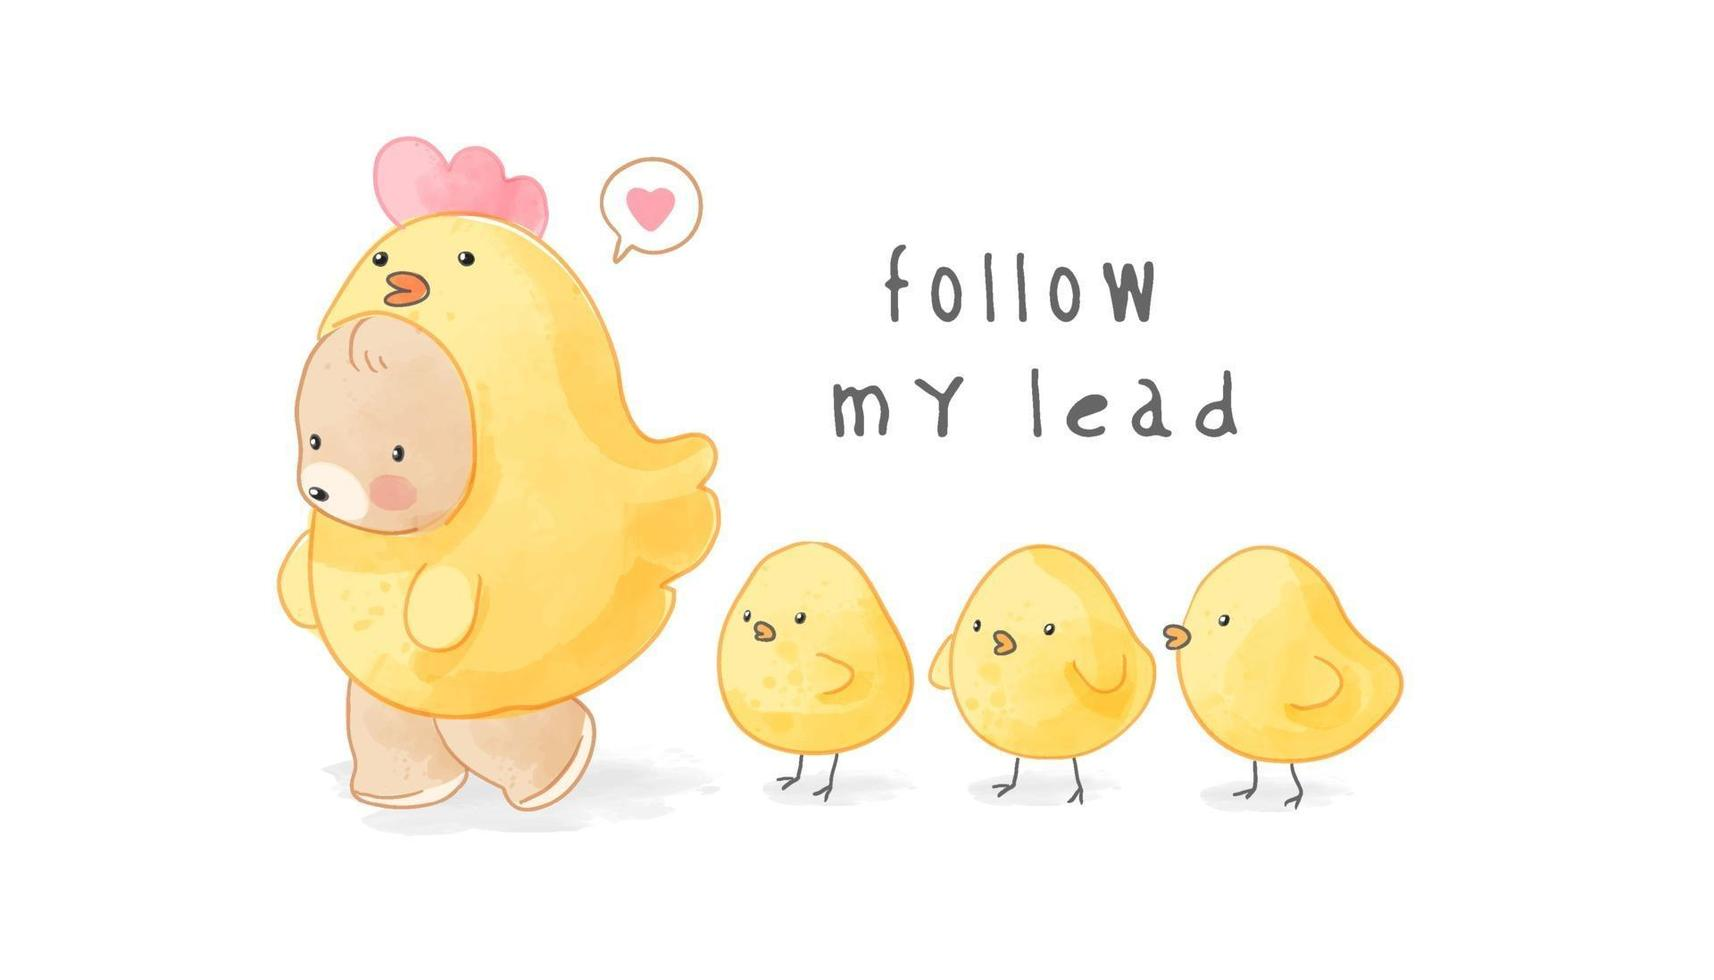 Urso fofo fantasiado de galinha amarela seguido de ilustração de pintinhos vetor